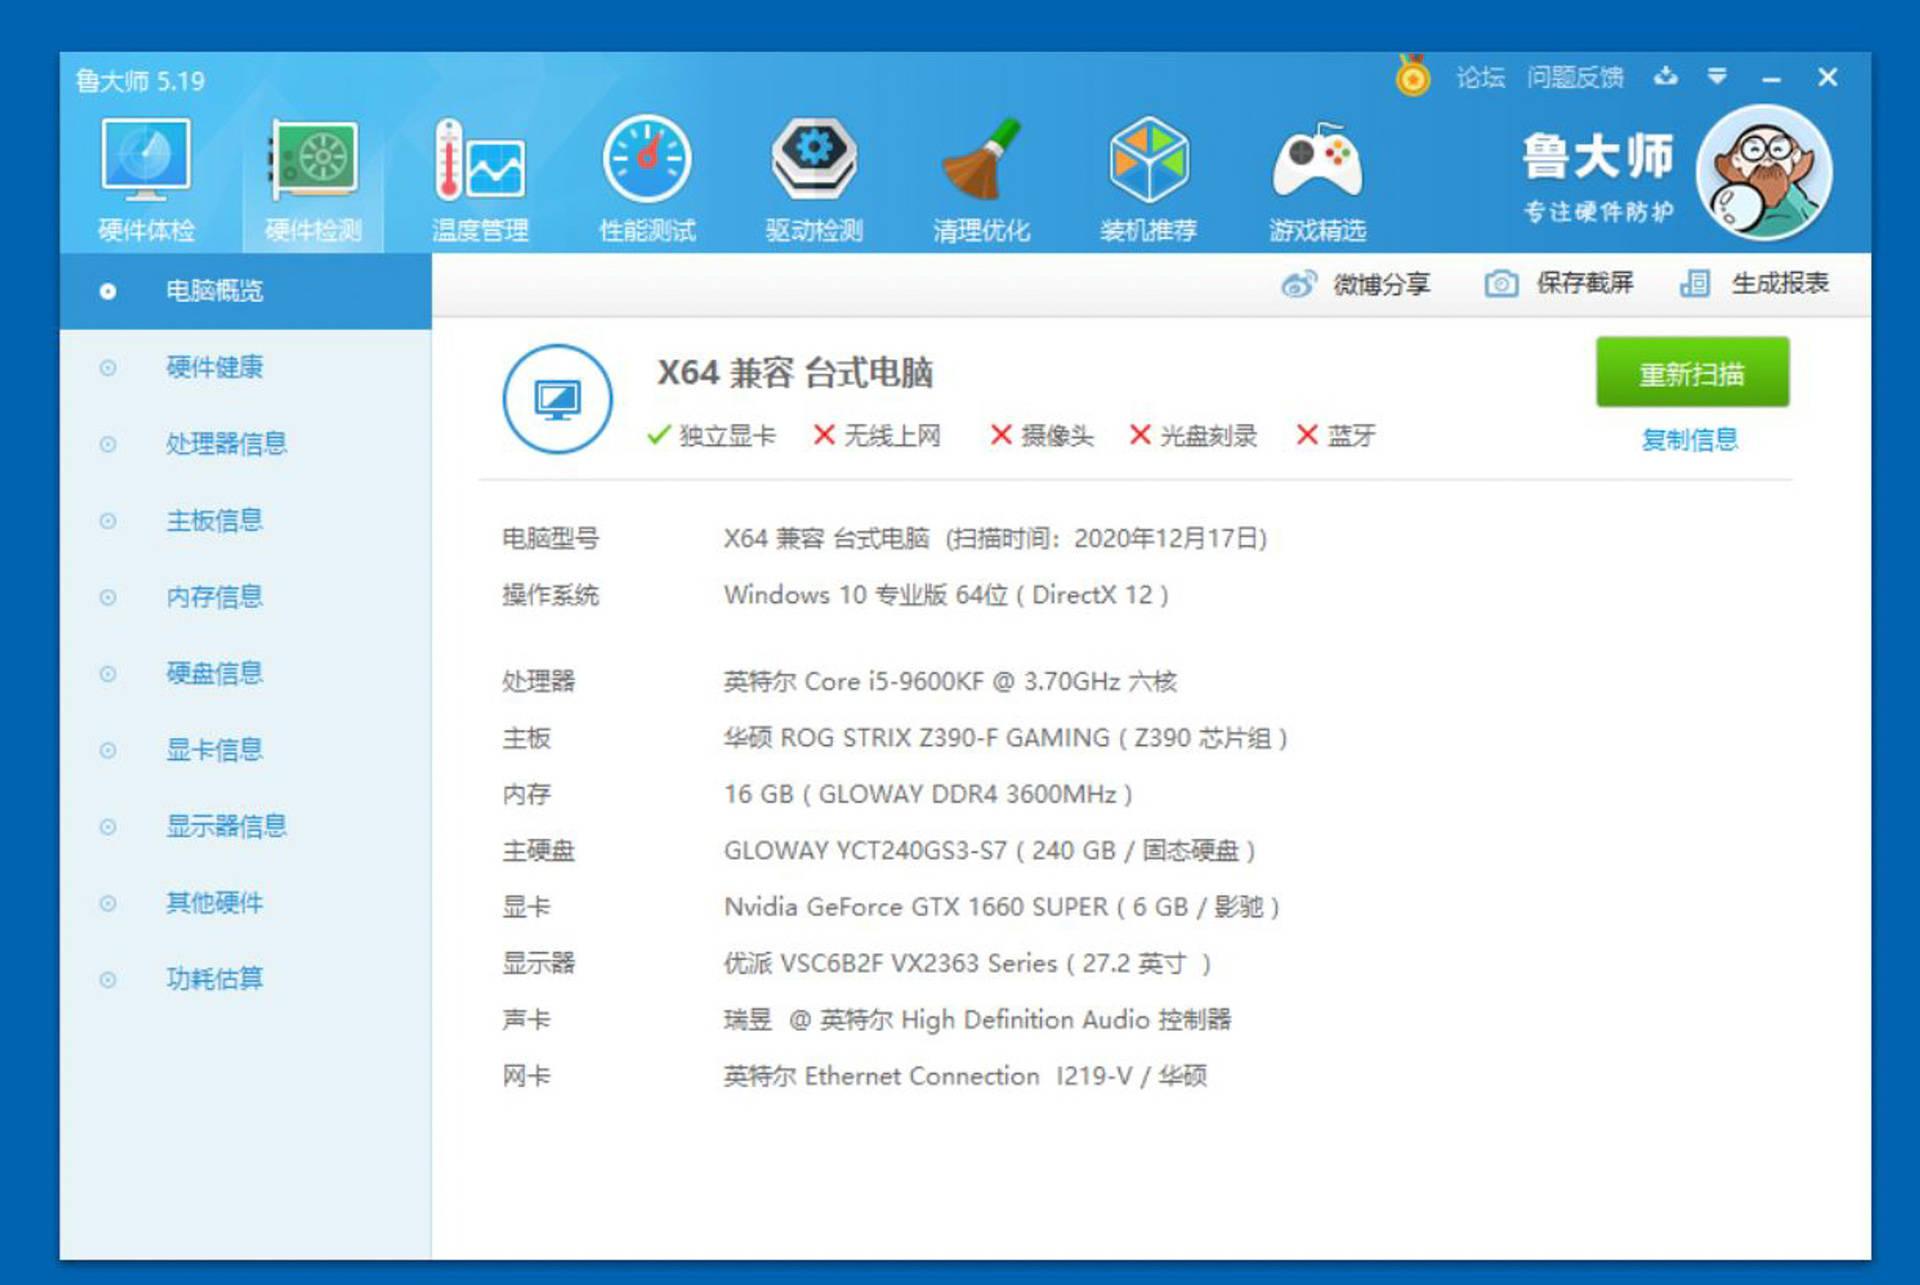 超频5.2GHz用风冷行吗?九州风神AS500Plus实测